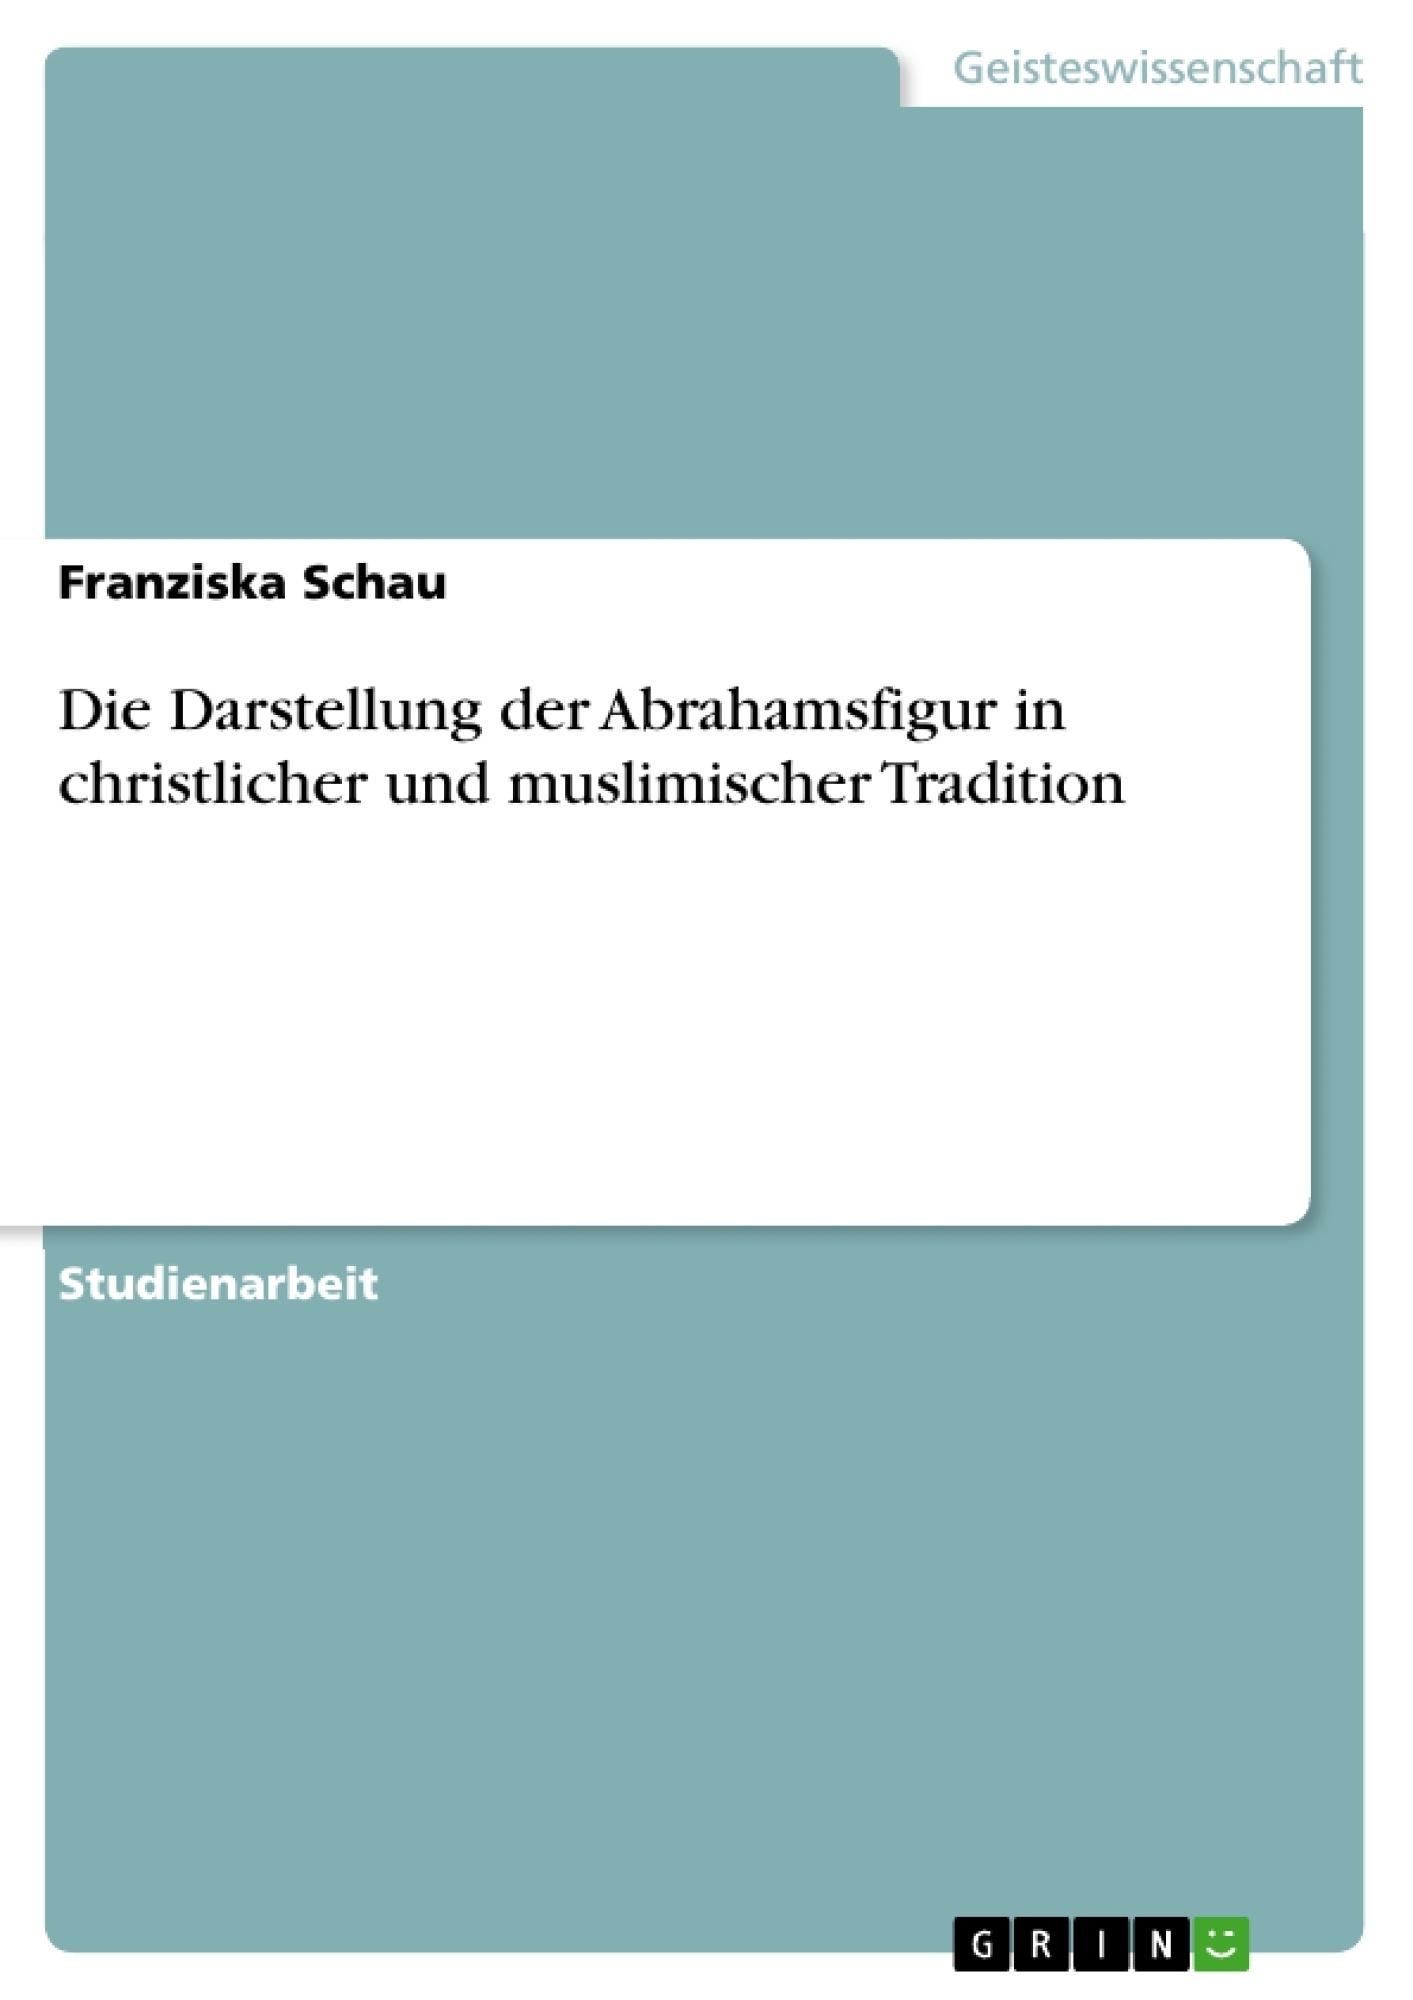 Titel: Die Darstellung der Abrahamsfigur in christlicher und muslimischer Tradition